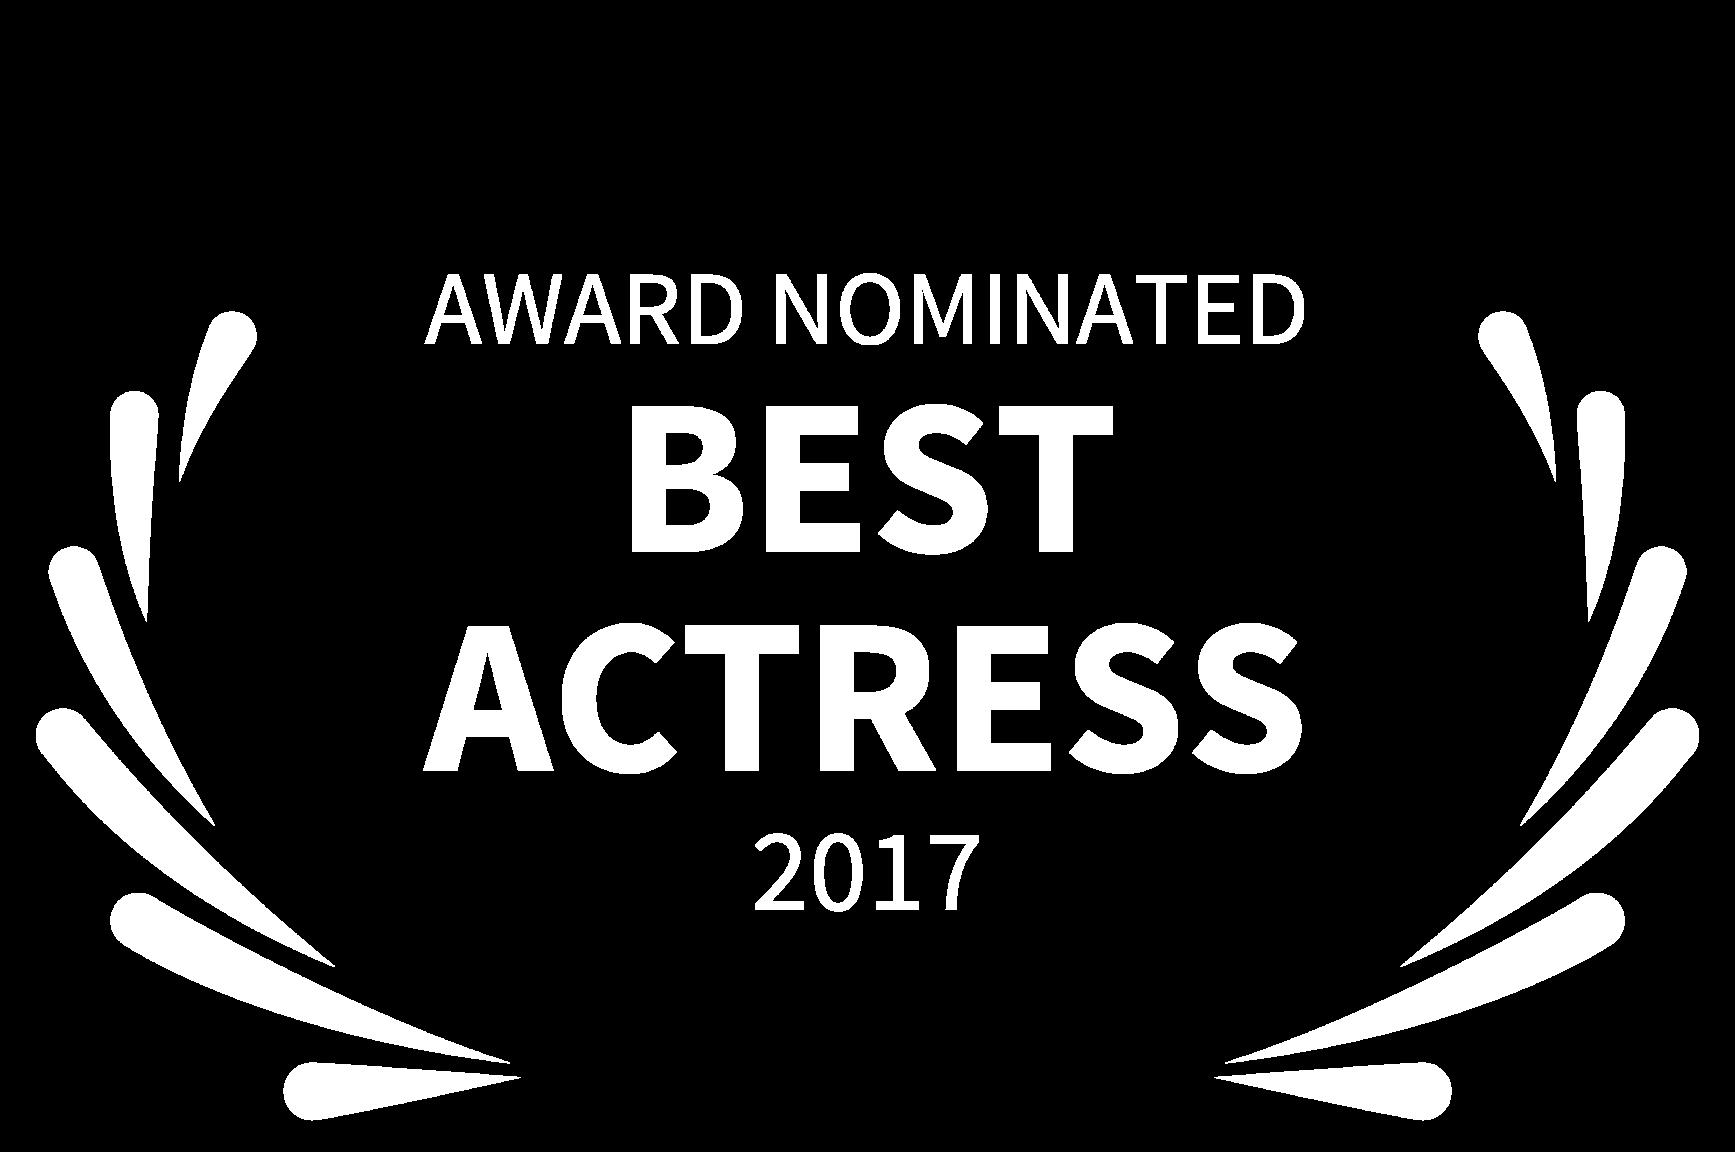 AWARD NOMINATED - BEST ACTRESS - 2017.png